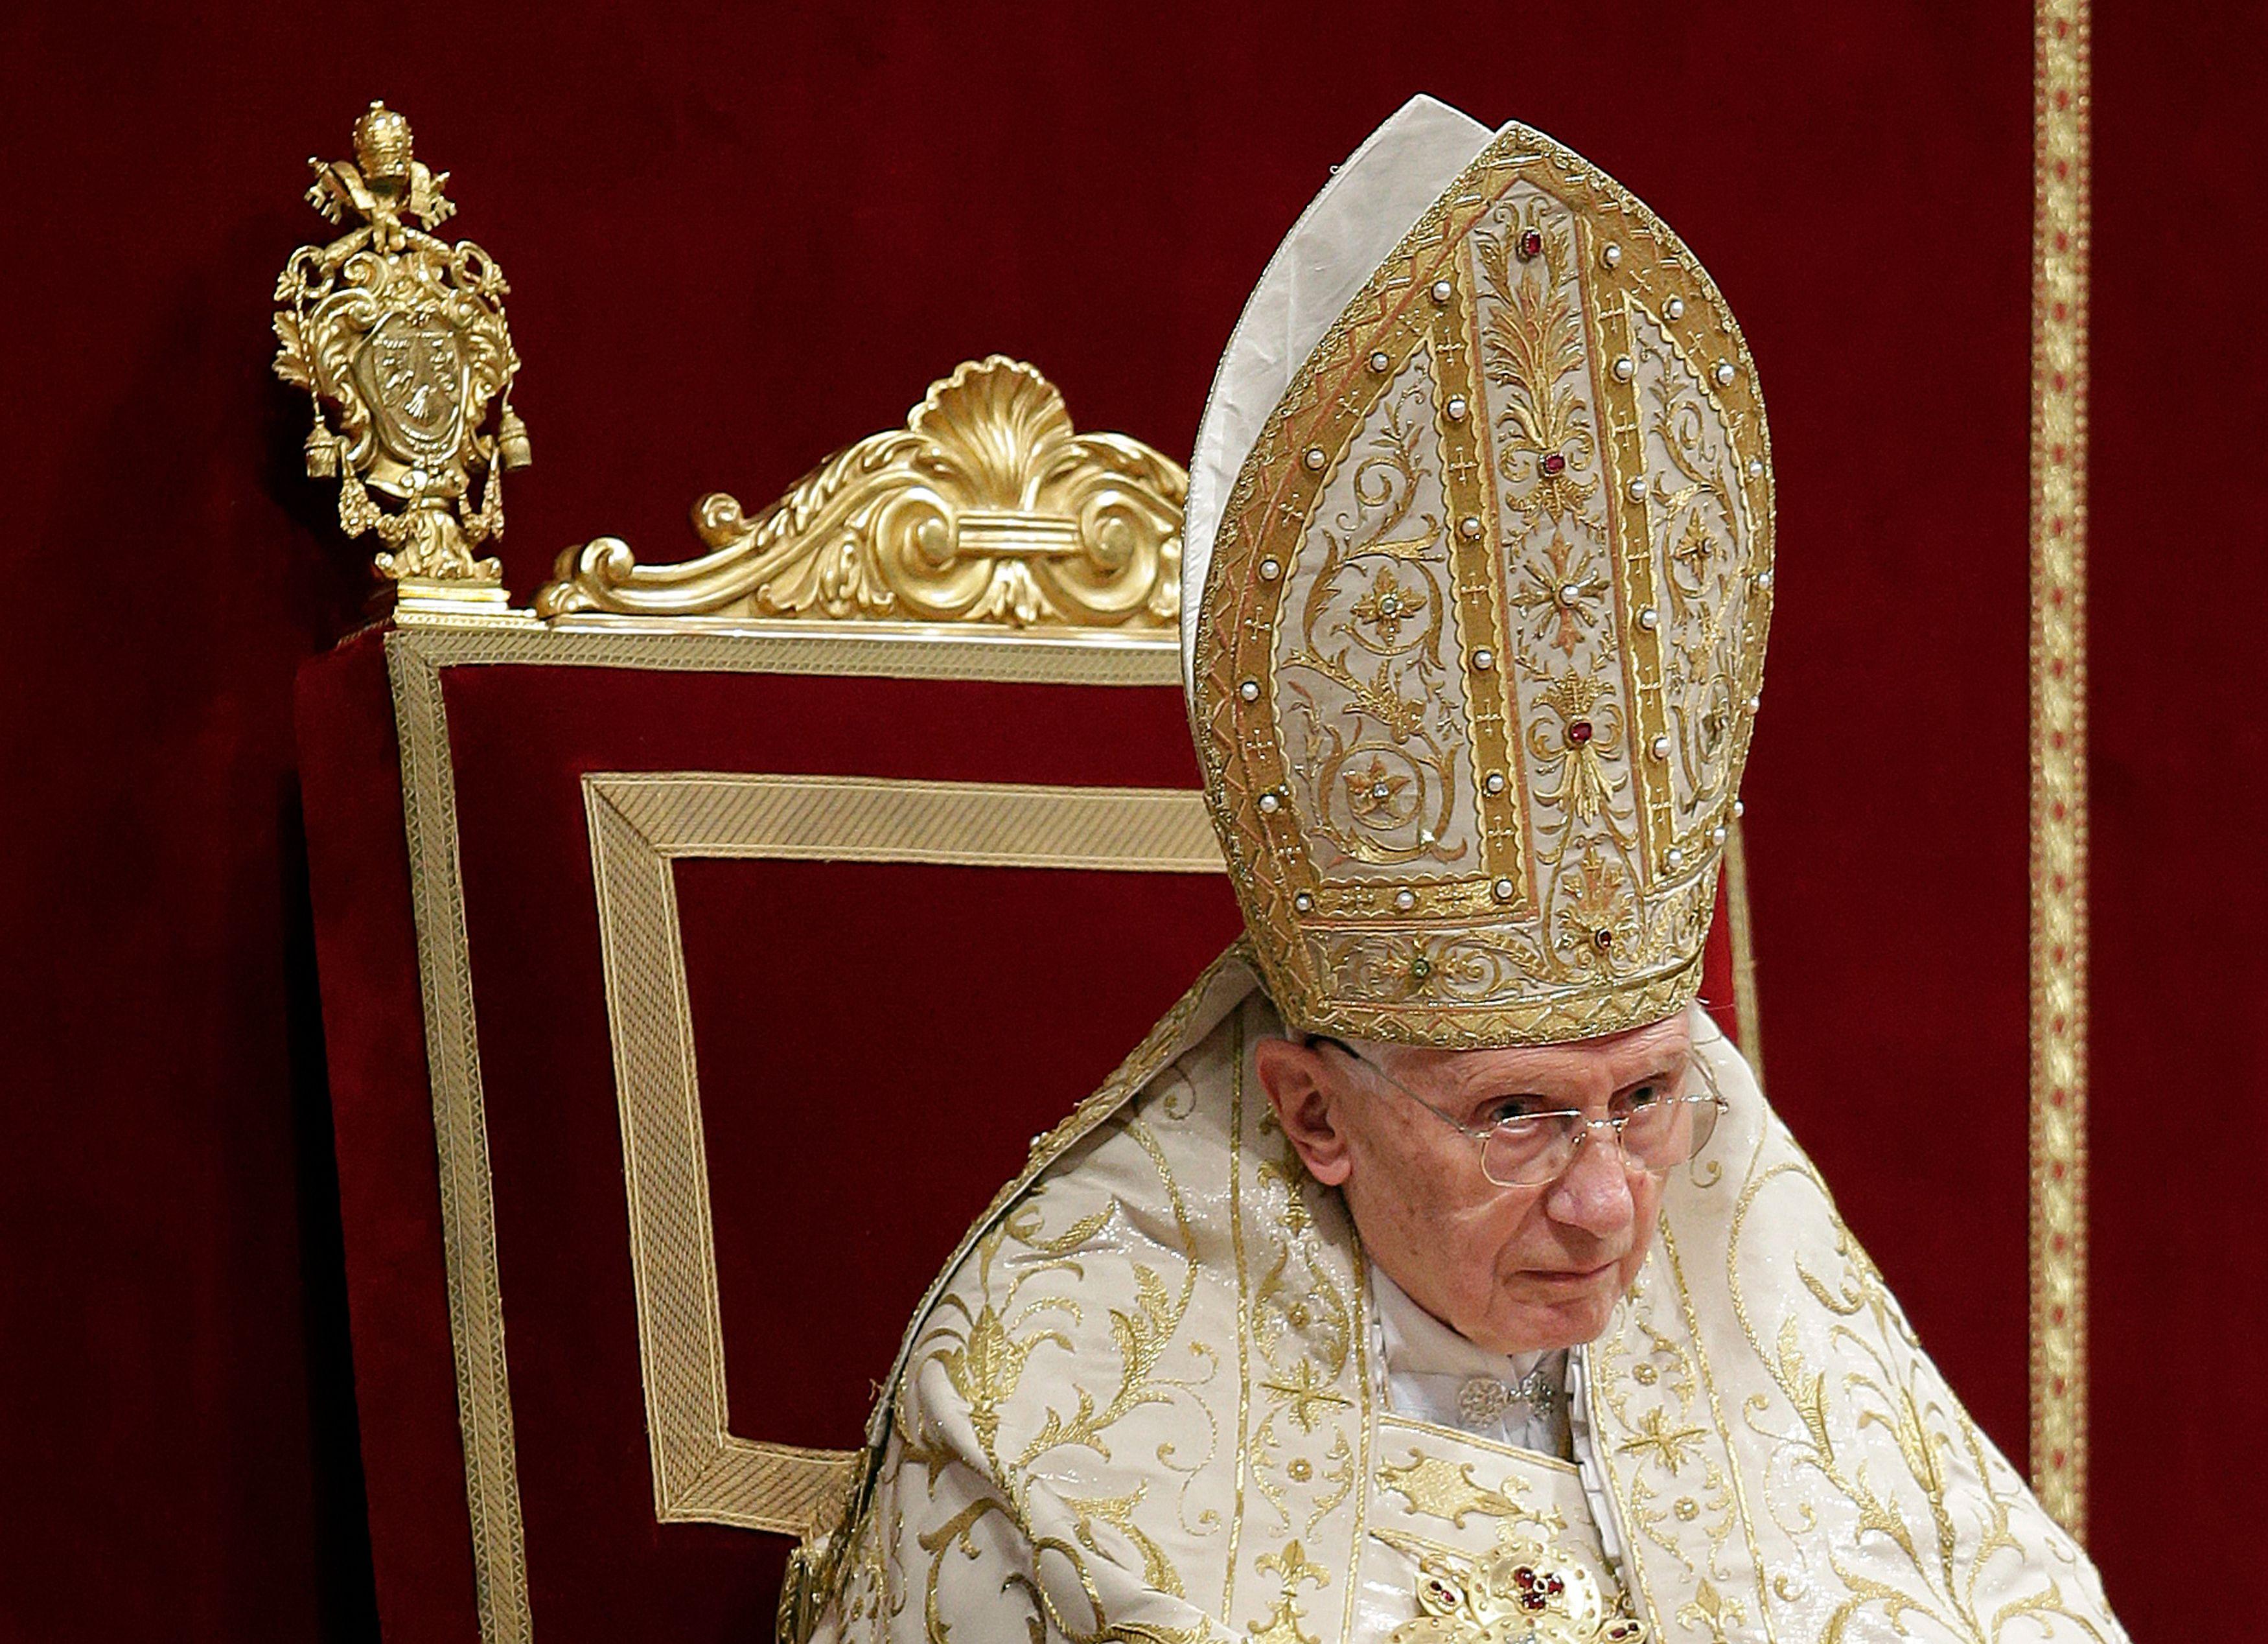 De nombreuses pressions internes à la Curie auraient poussé le pape Benoît XVI à se retirer.